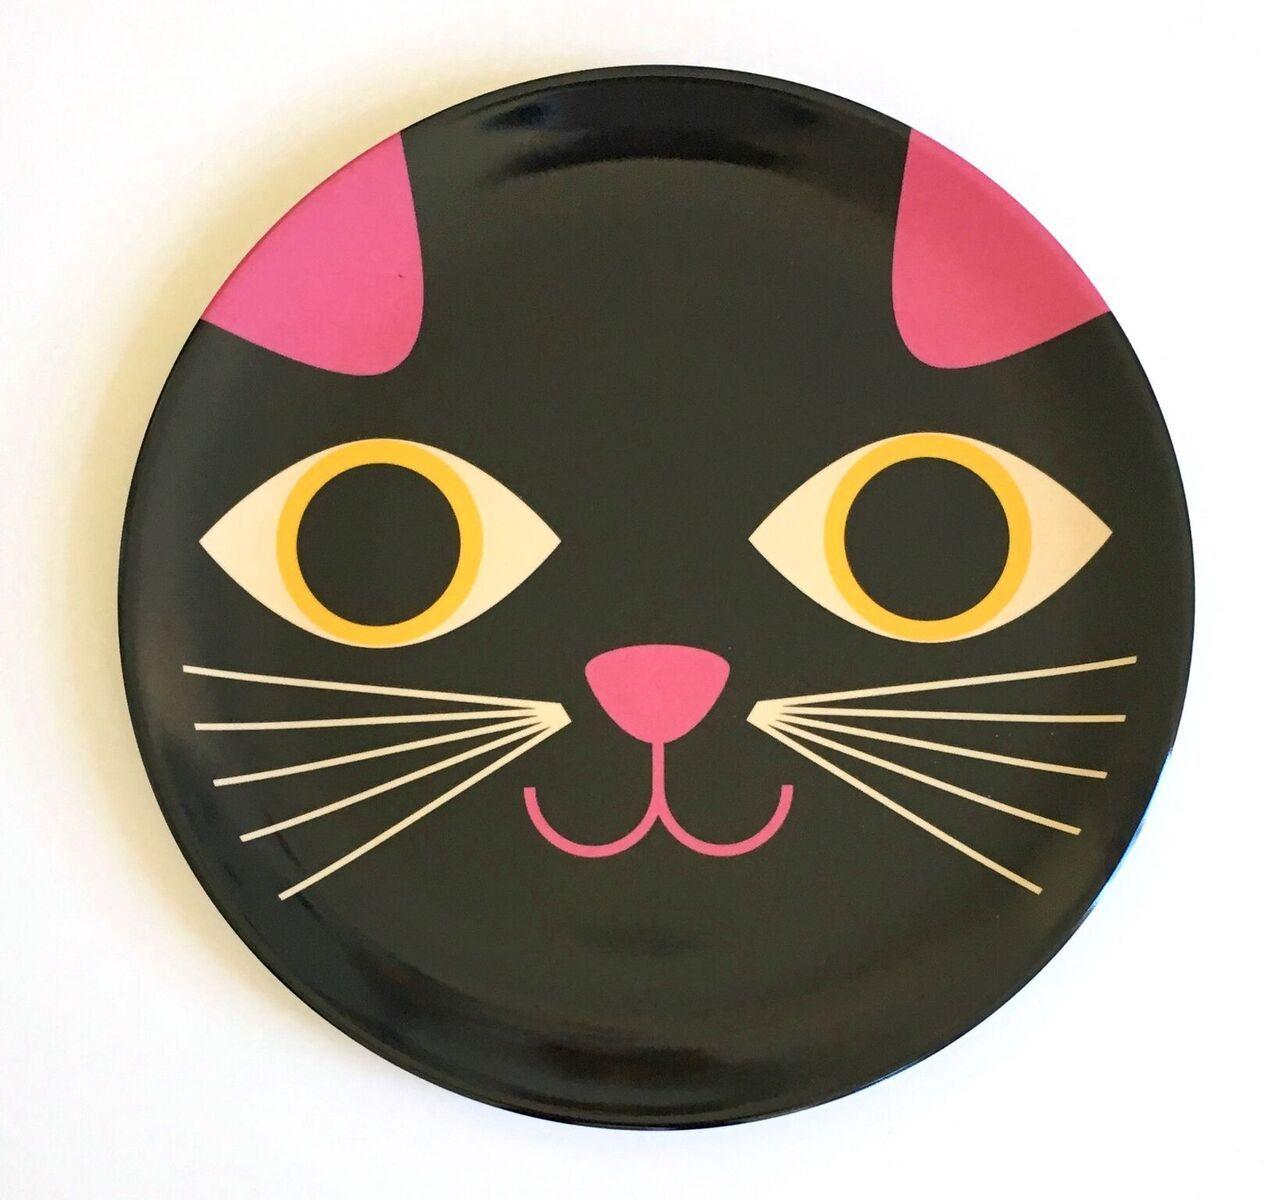 Prato Infantil Omm Design - Gato